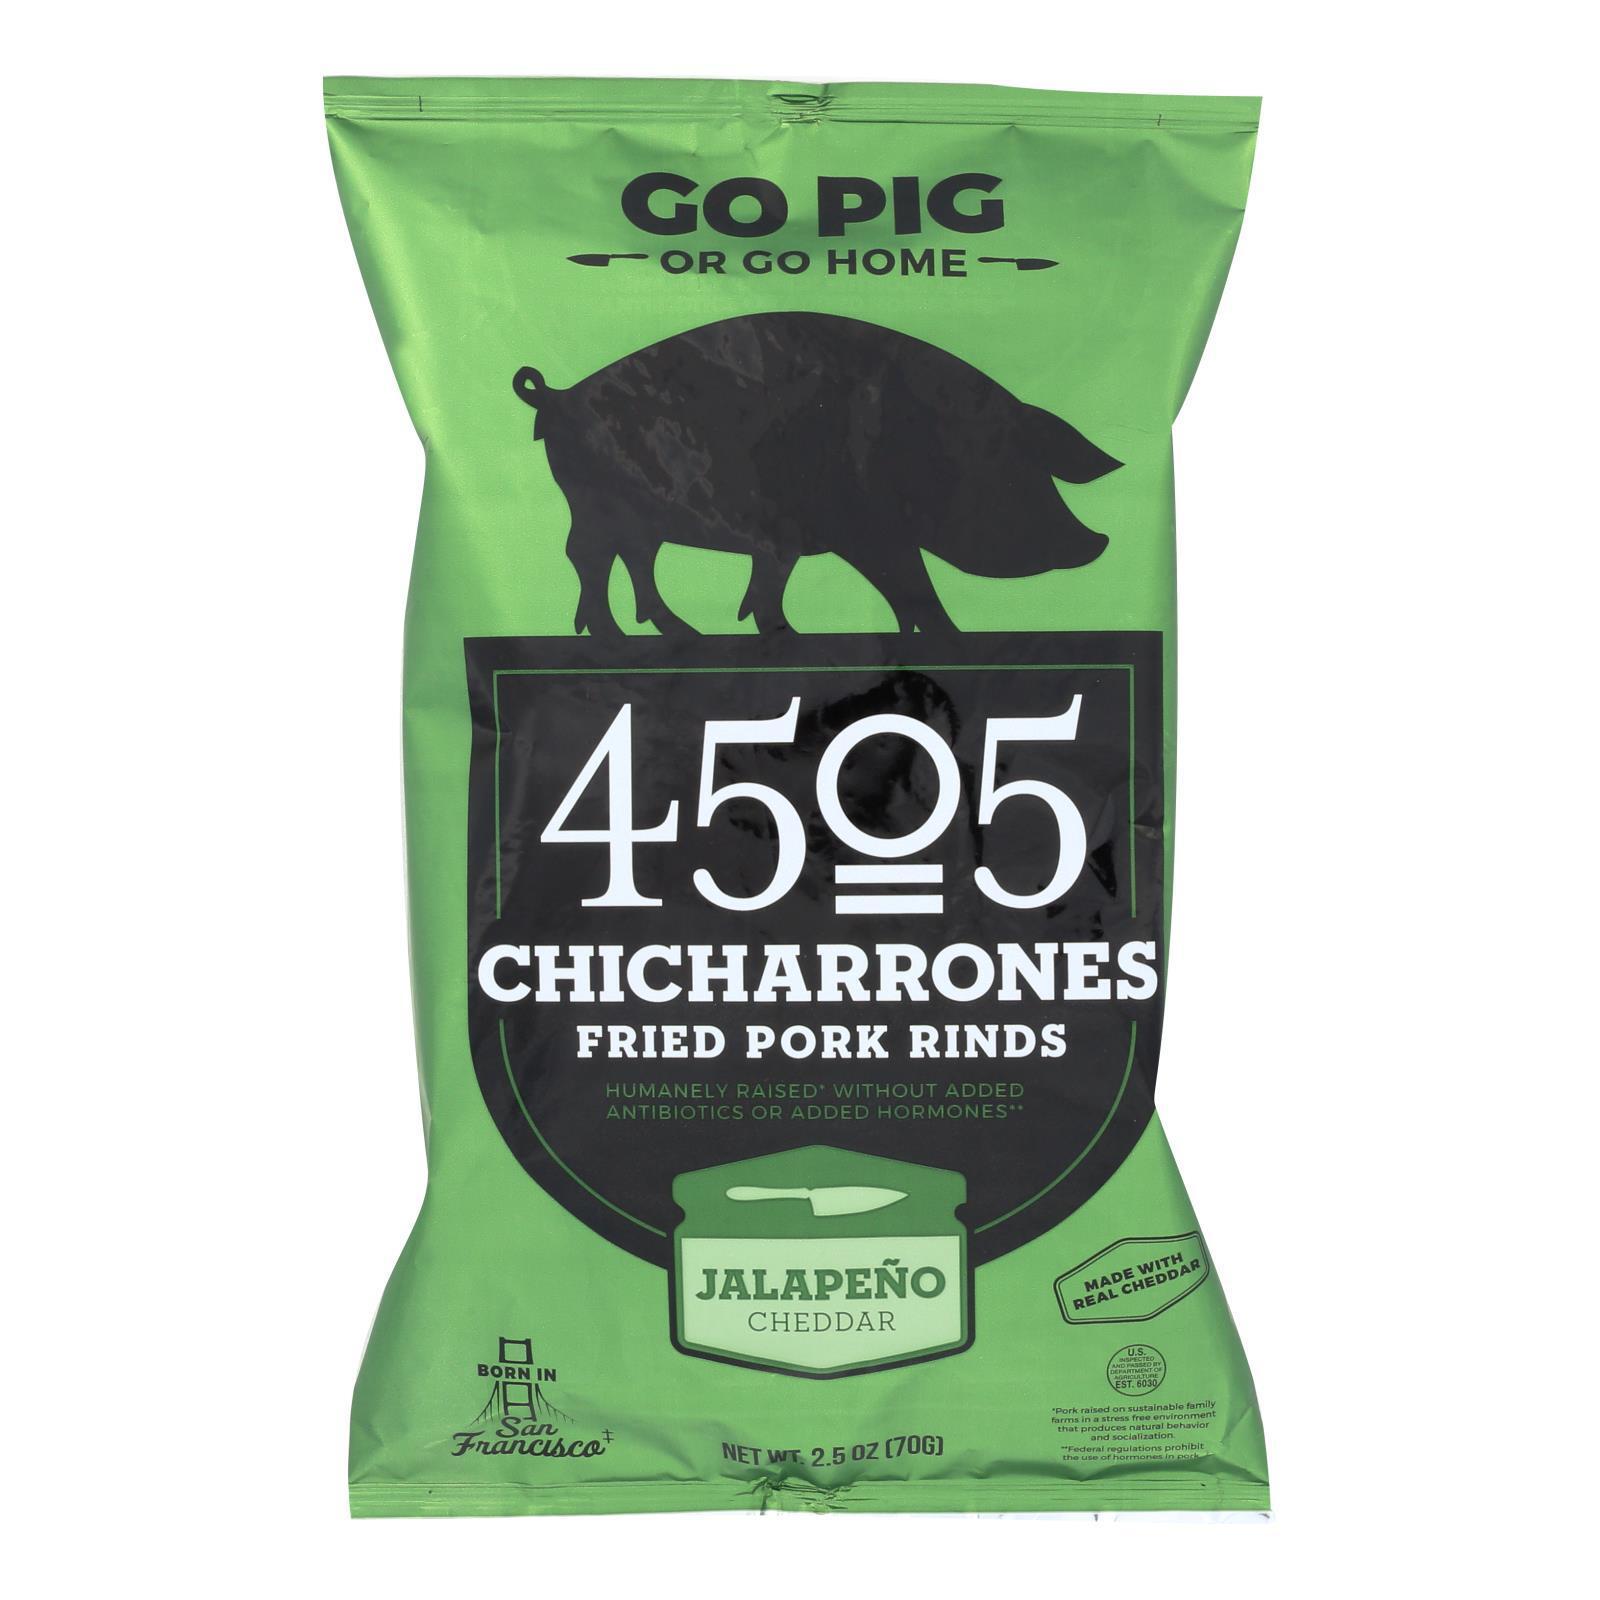 4505 Pork Rinds - Chicharones - Jalapeno Cheddar - Case of 12 - 2.5 oz